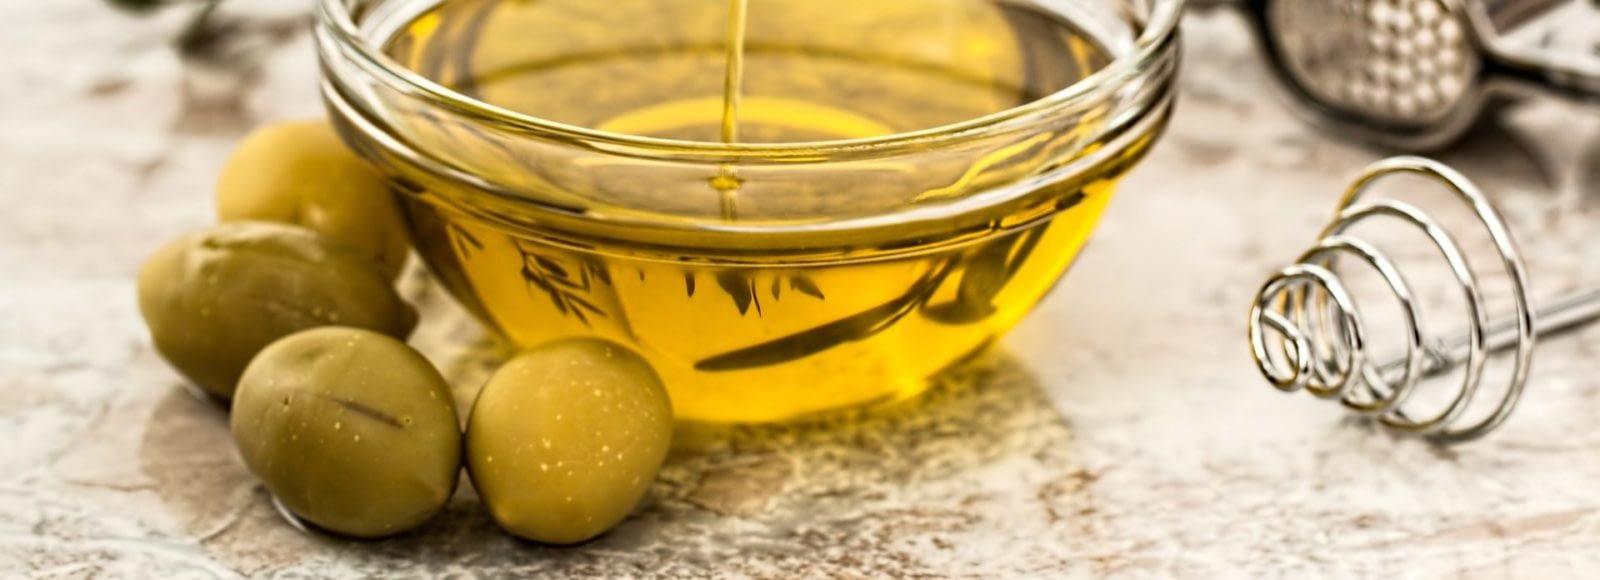 оливковое масло очень полезно